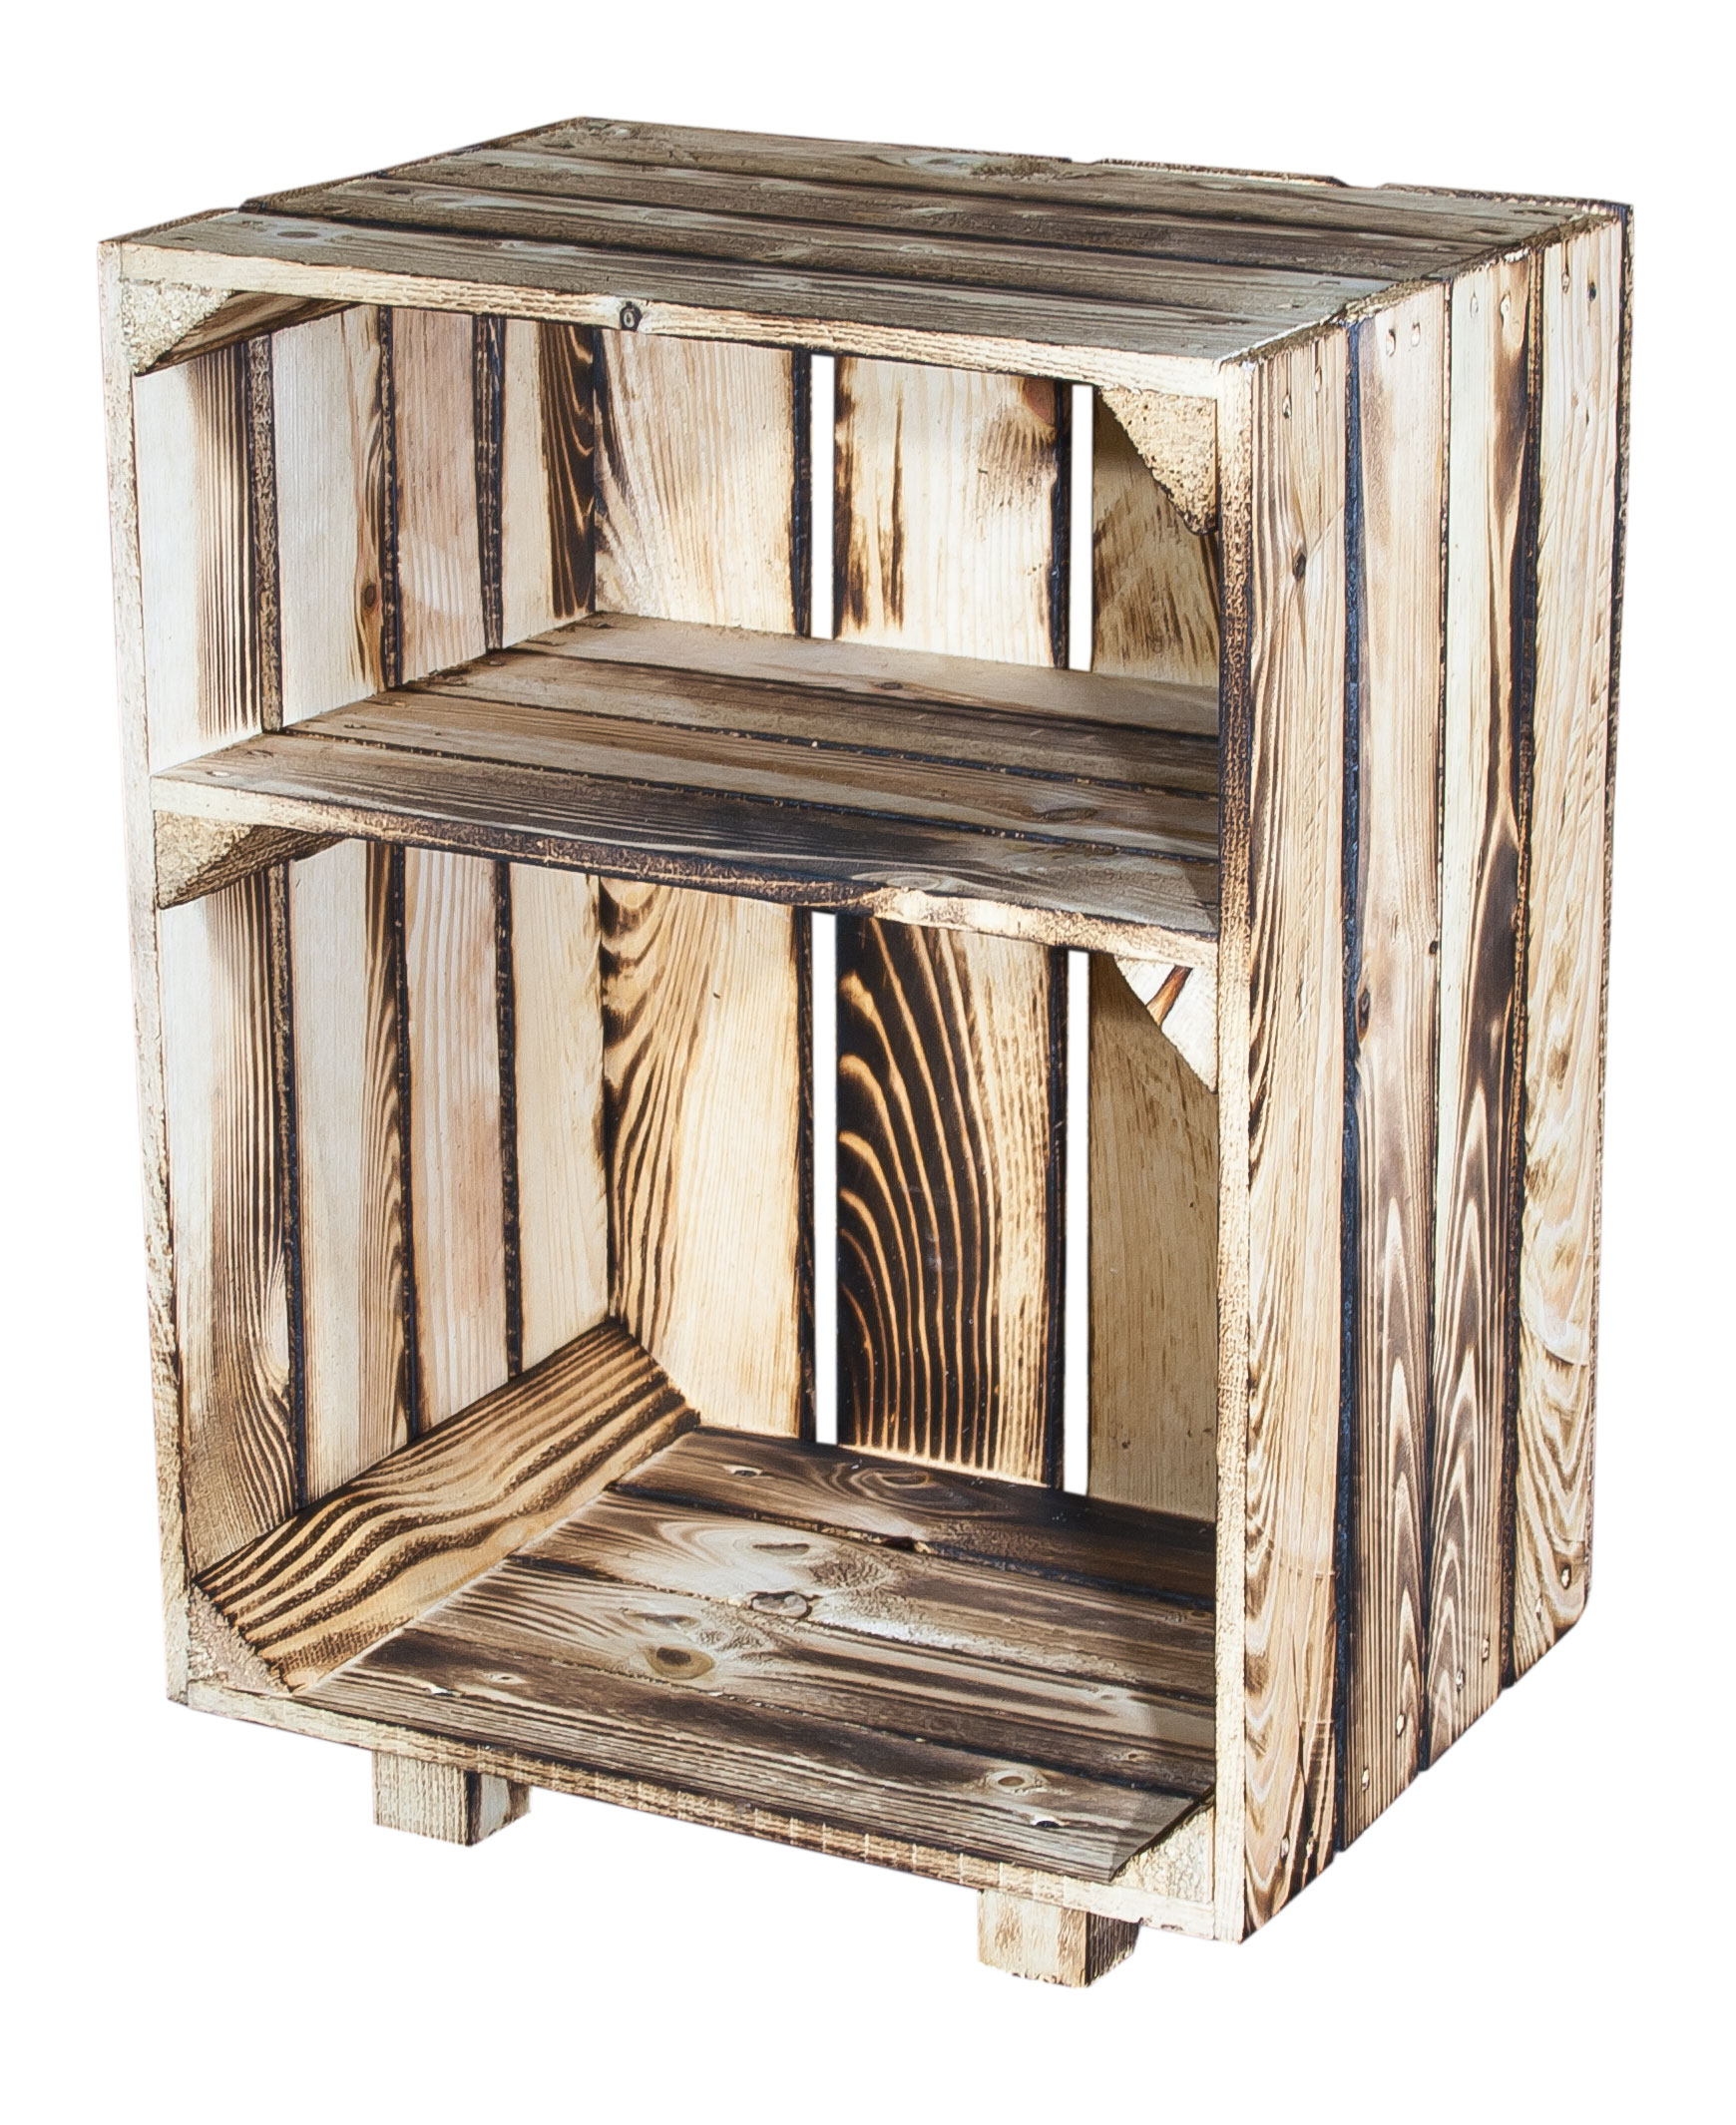 m bel nachttisch mit boden geflammt 30 5x40x54cm. Black Bedroom Furniture Sets. Home Design Ideas